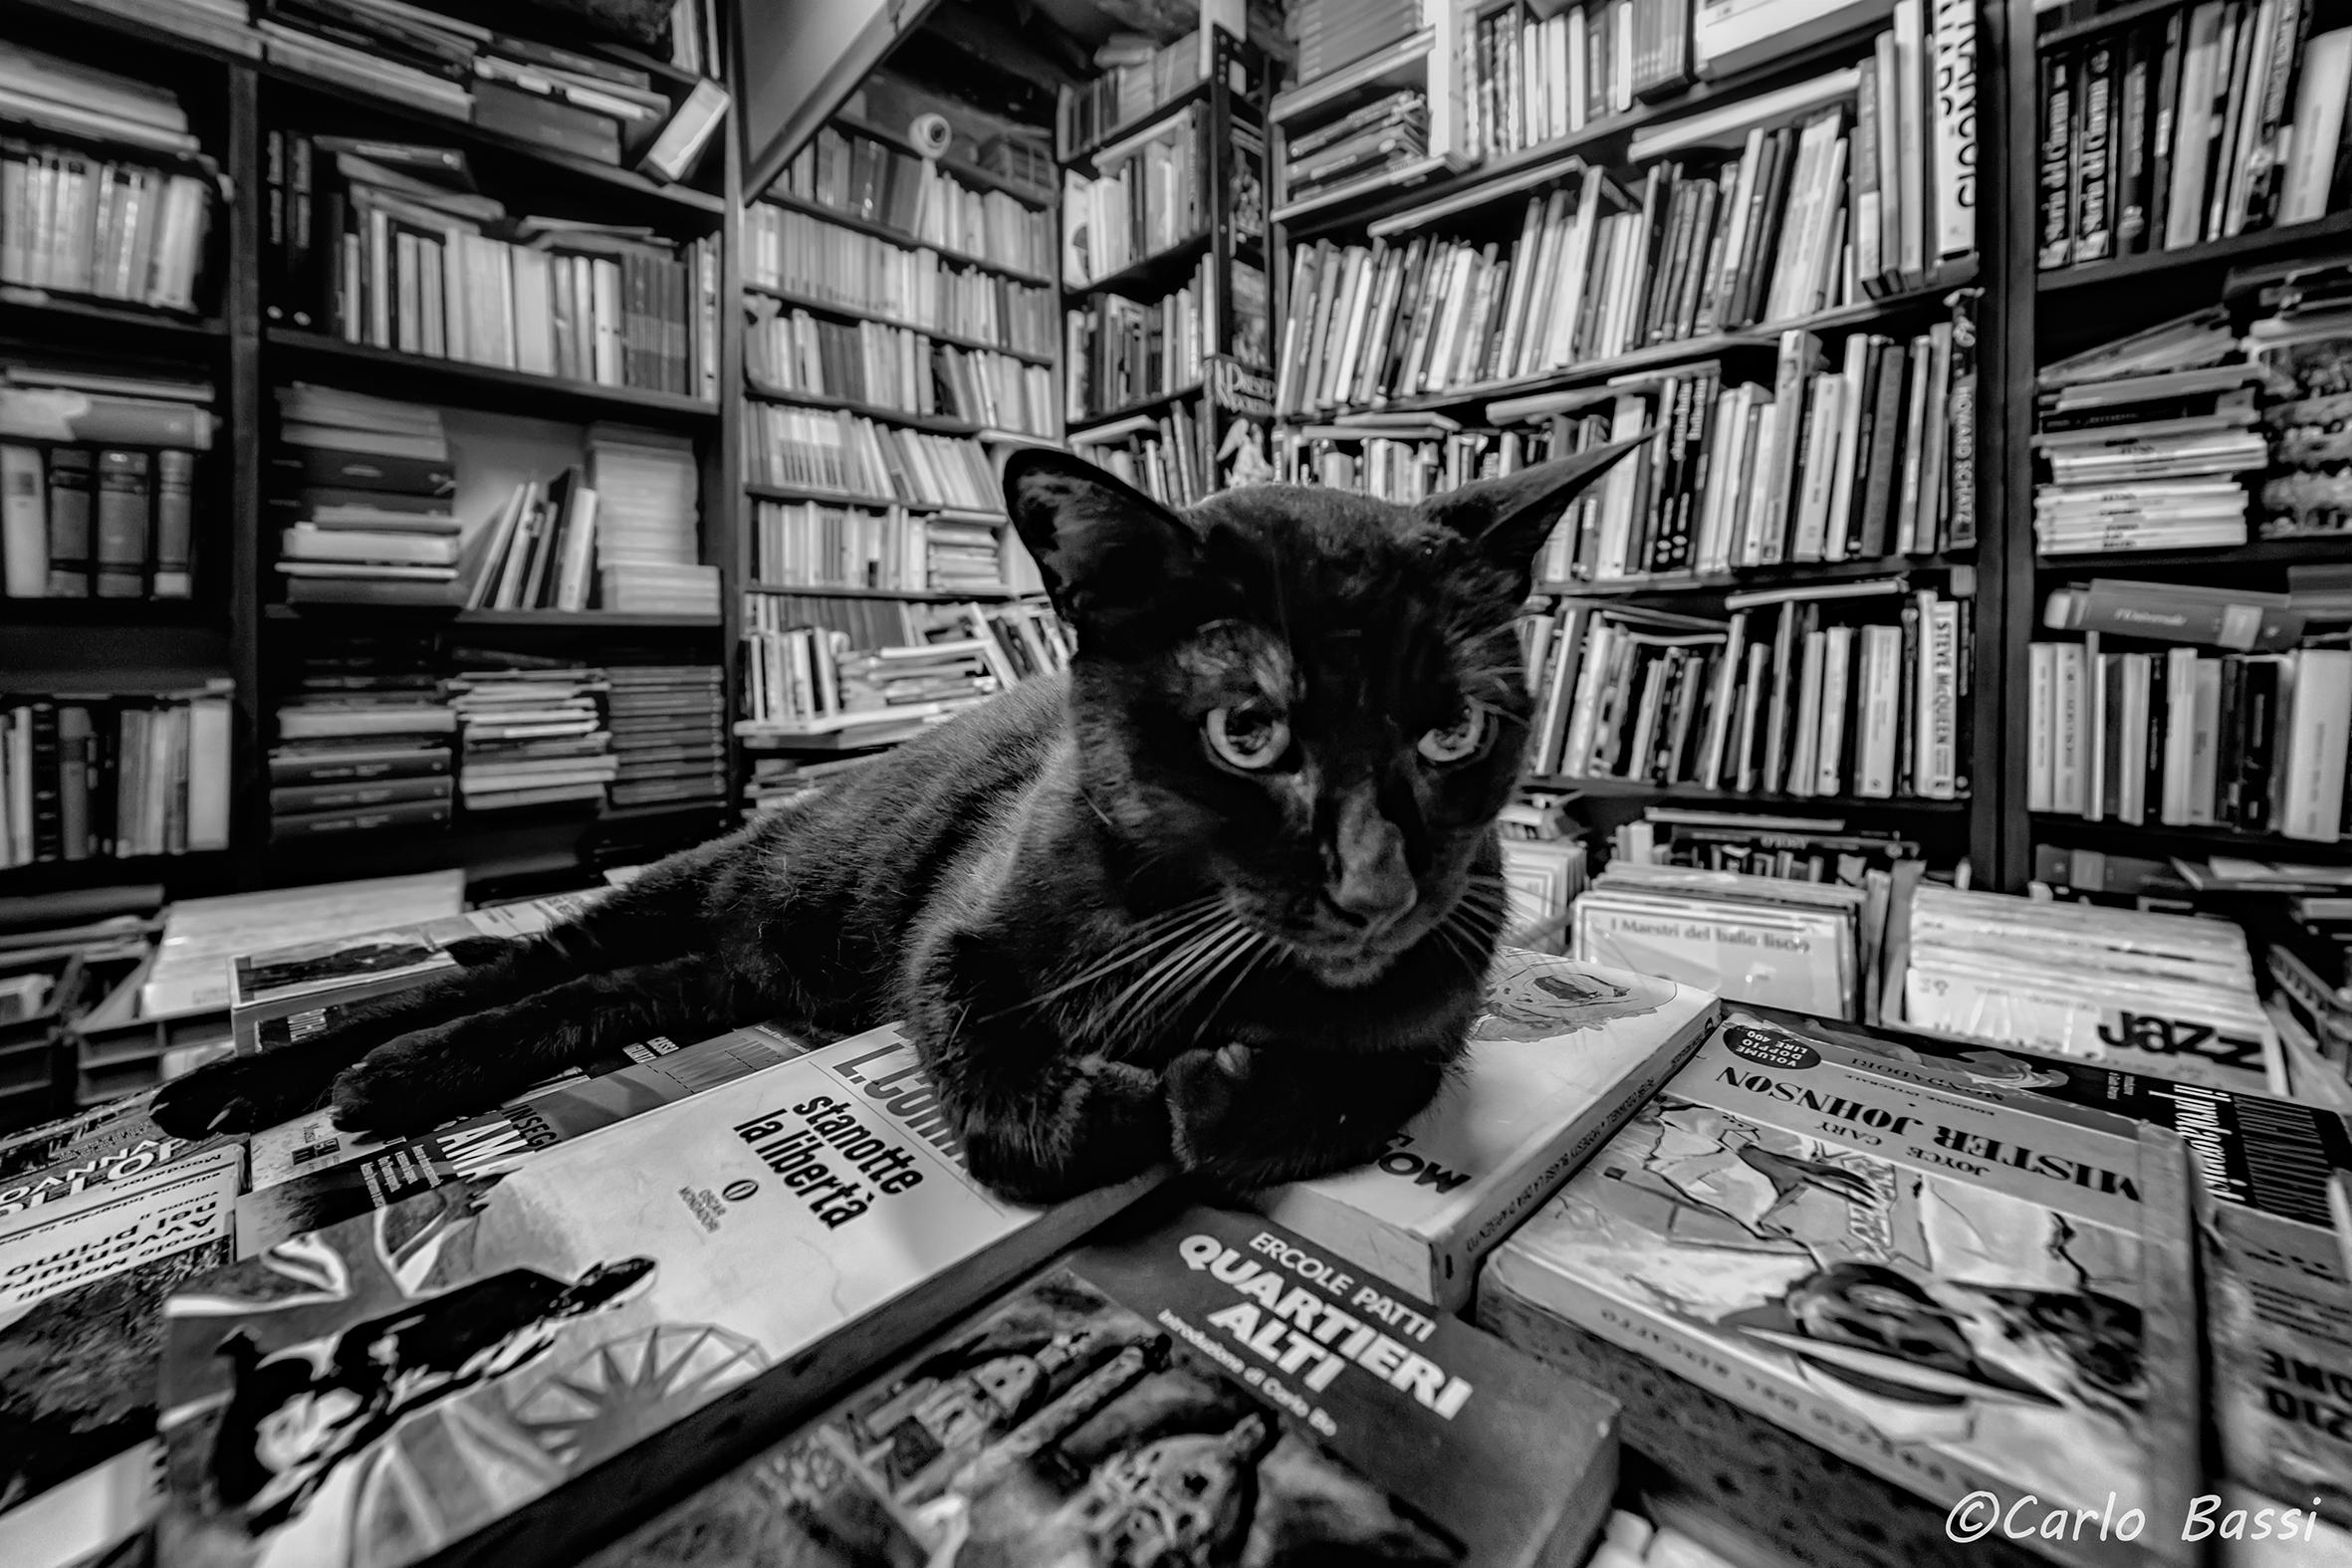 A particularly erudite cat...